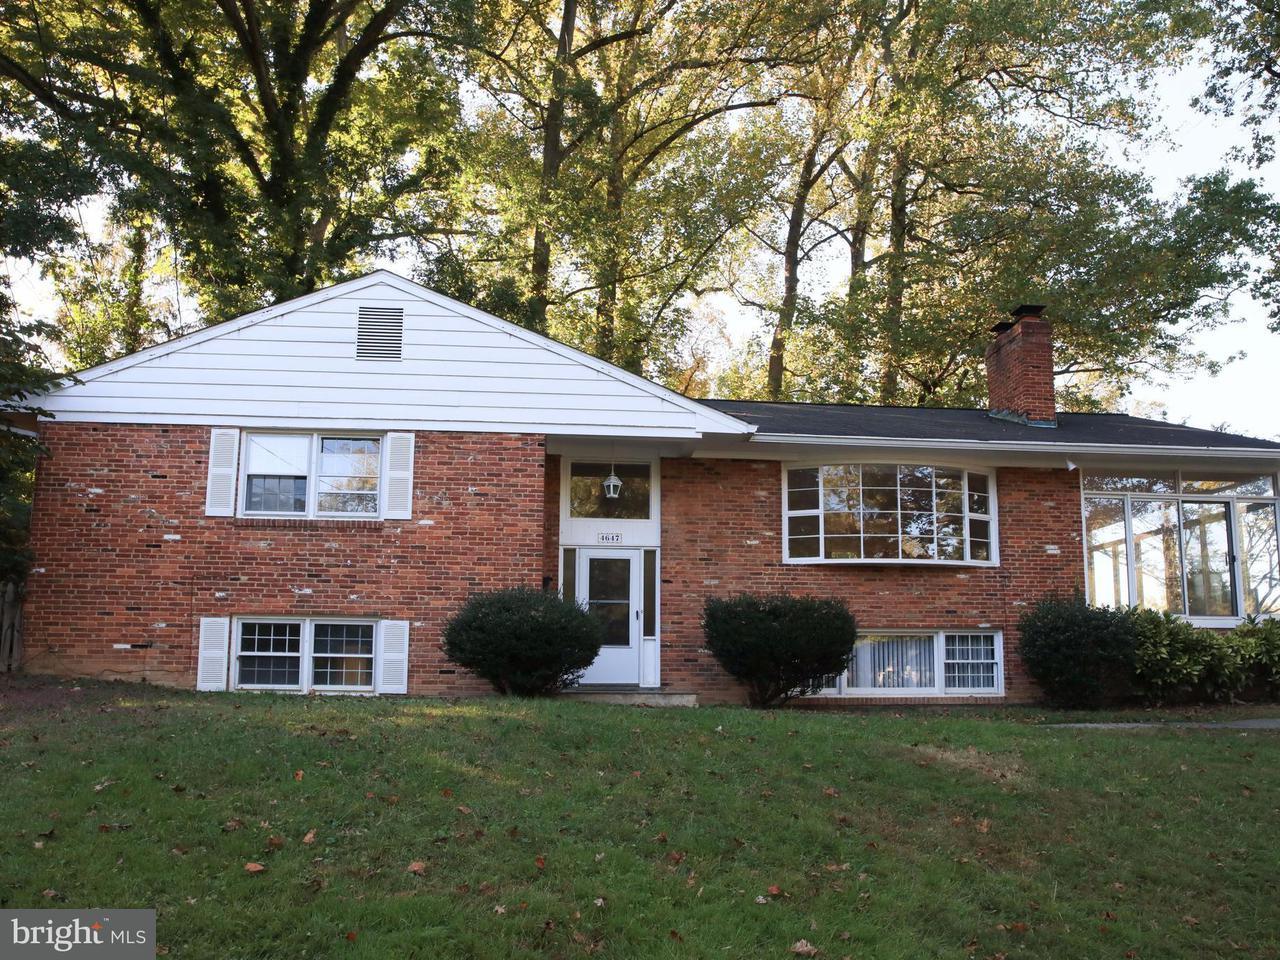 土地 のために 売買 アット 4647 38TH PL N 4647 38TH PL N Arlington, バージニア 22207 アメリカ合衆国